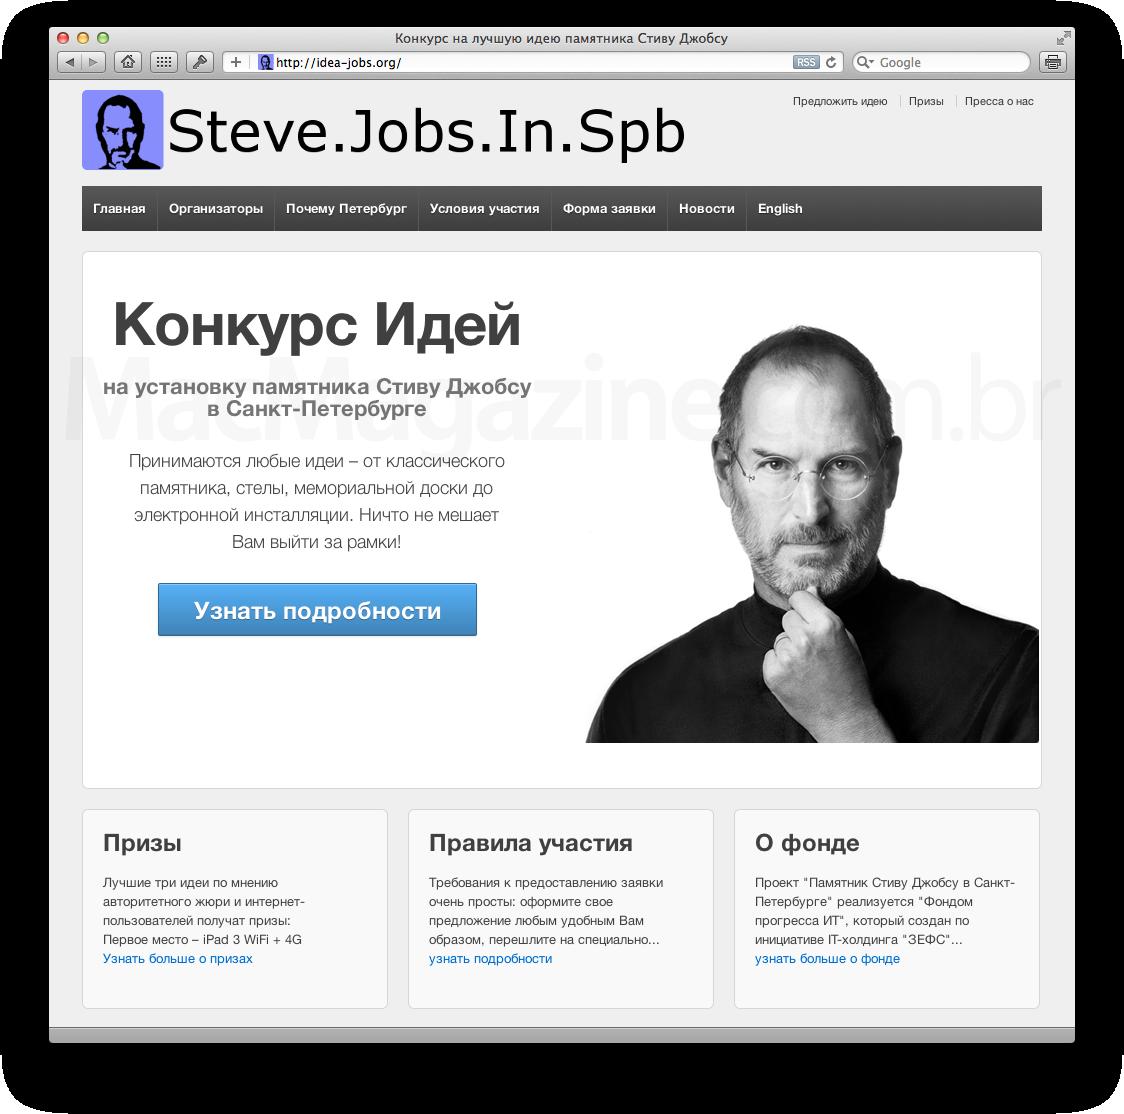 Monumento para Steve Jobs na Rússia